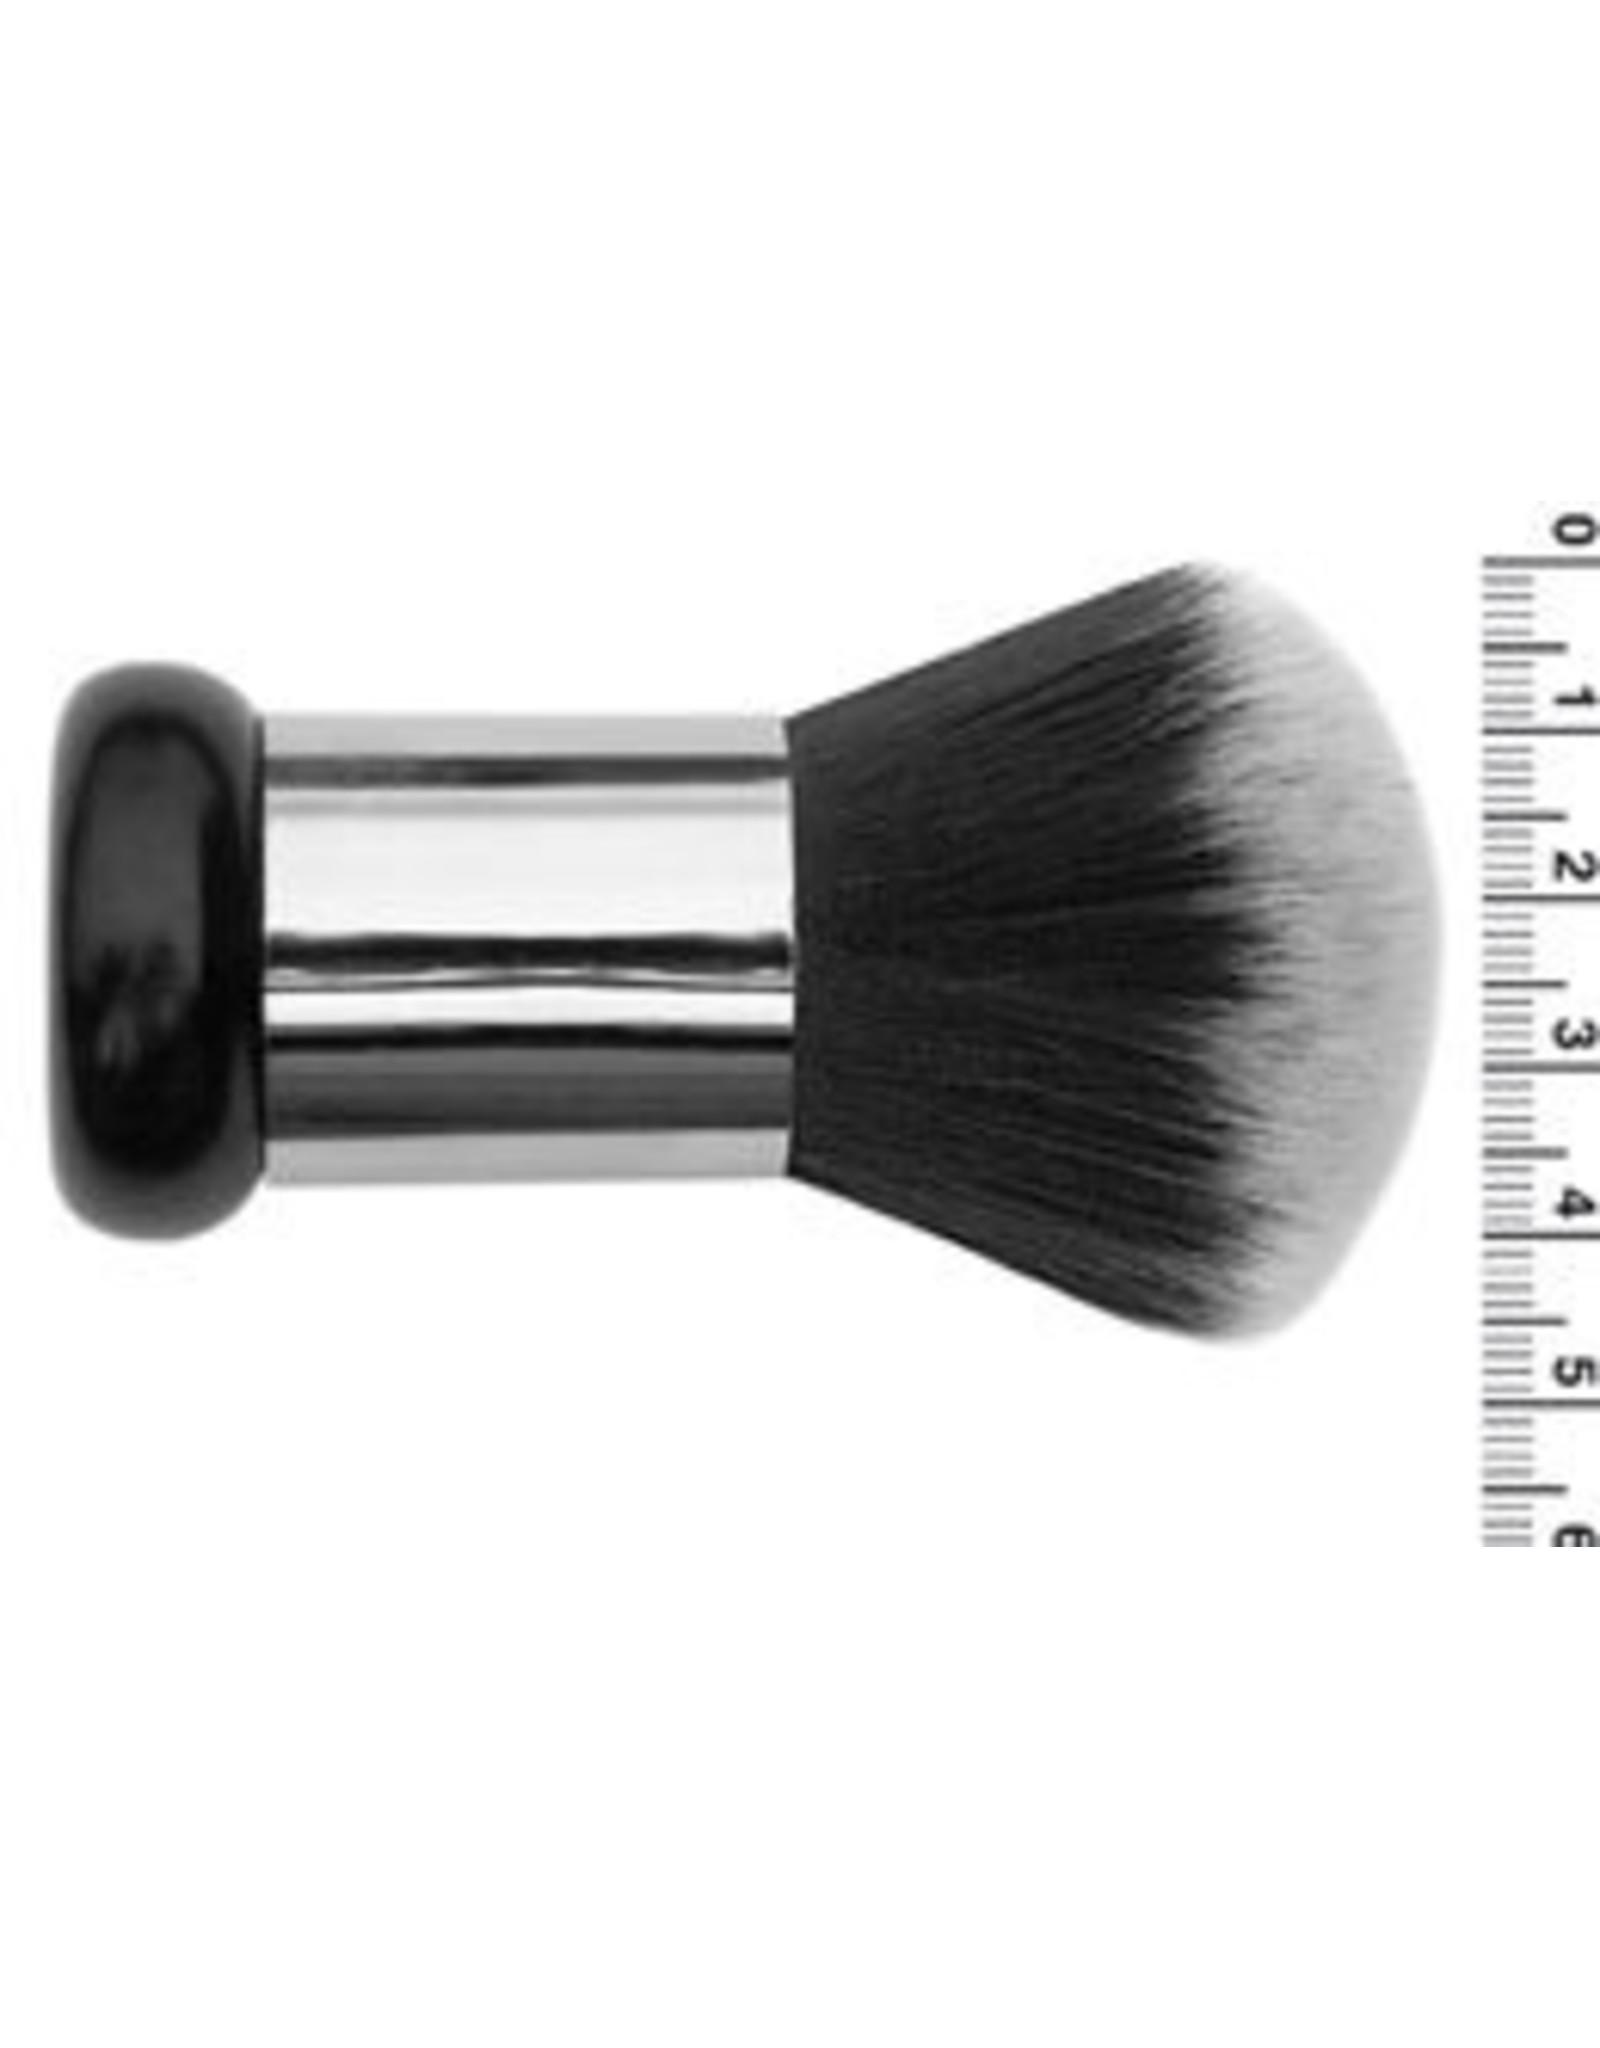 Grimas BRUSHES ARTIFICIAL-HAIR FOUNDATION KB1 Kabuki brush